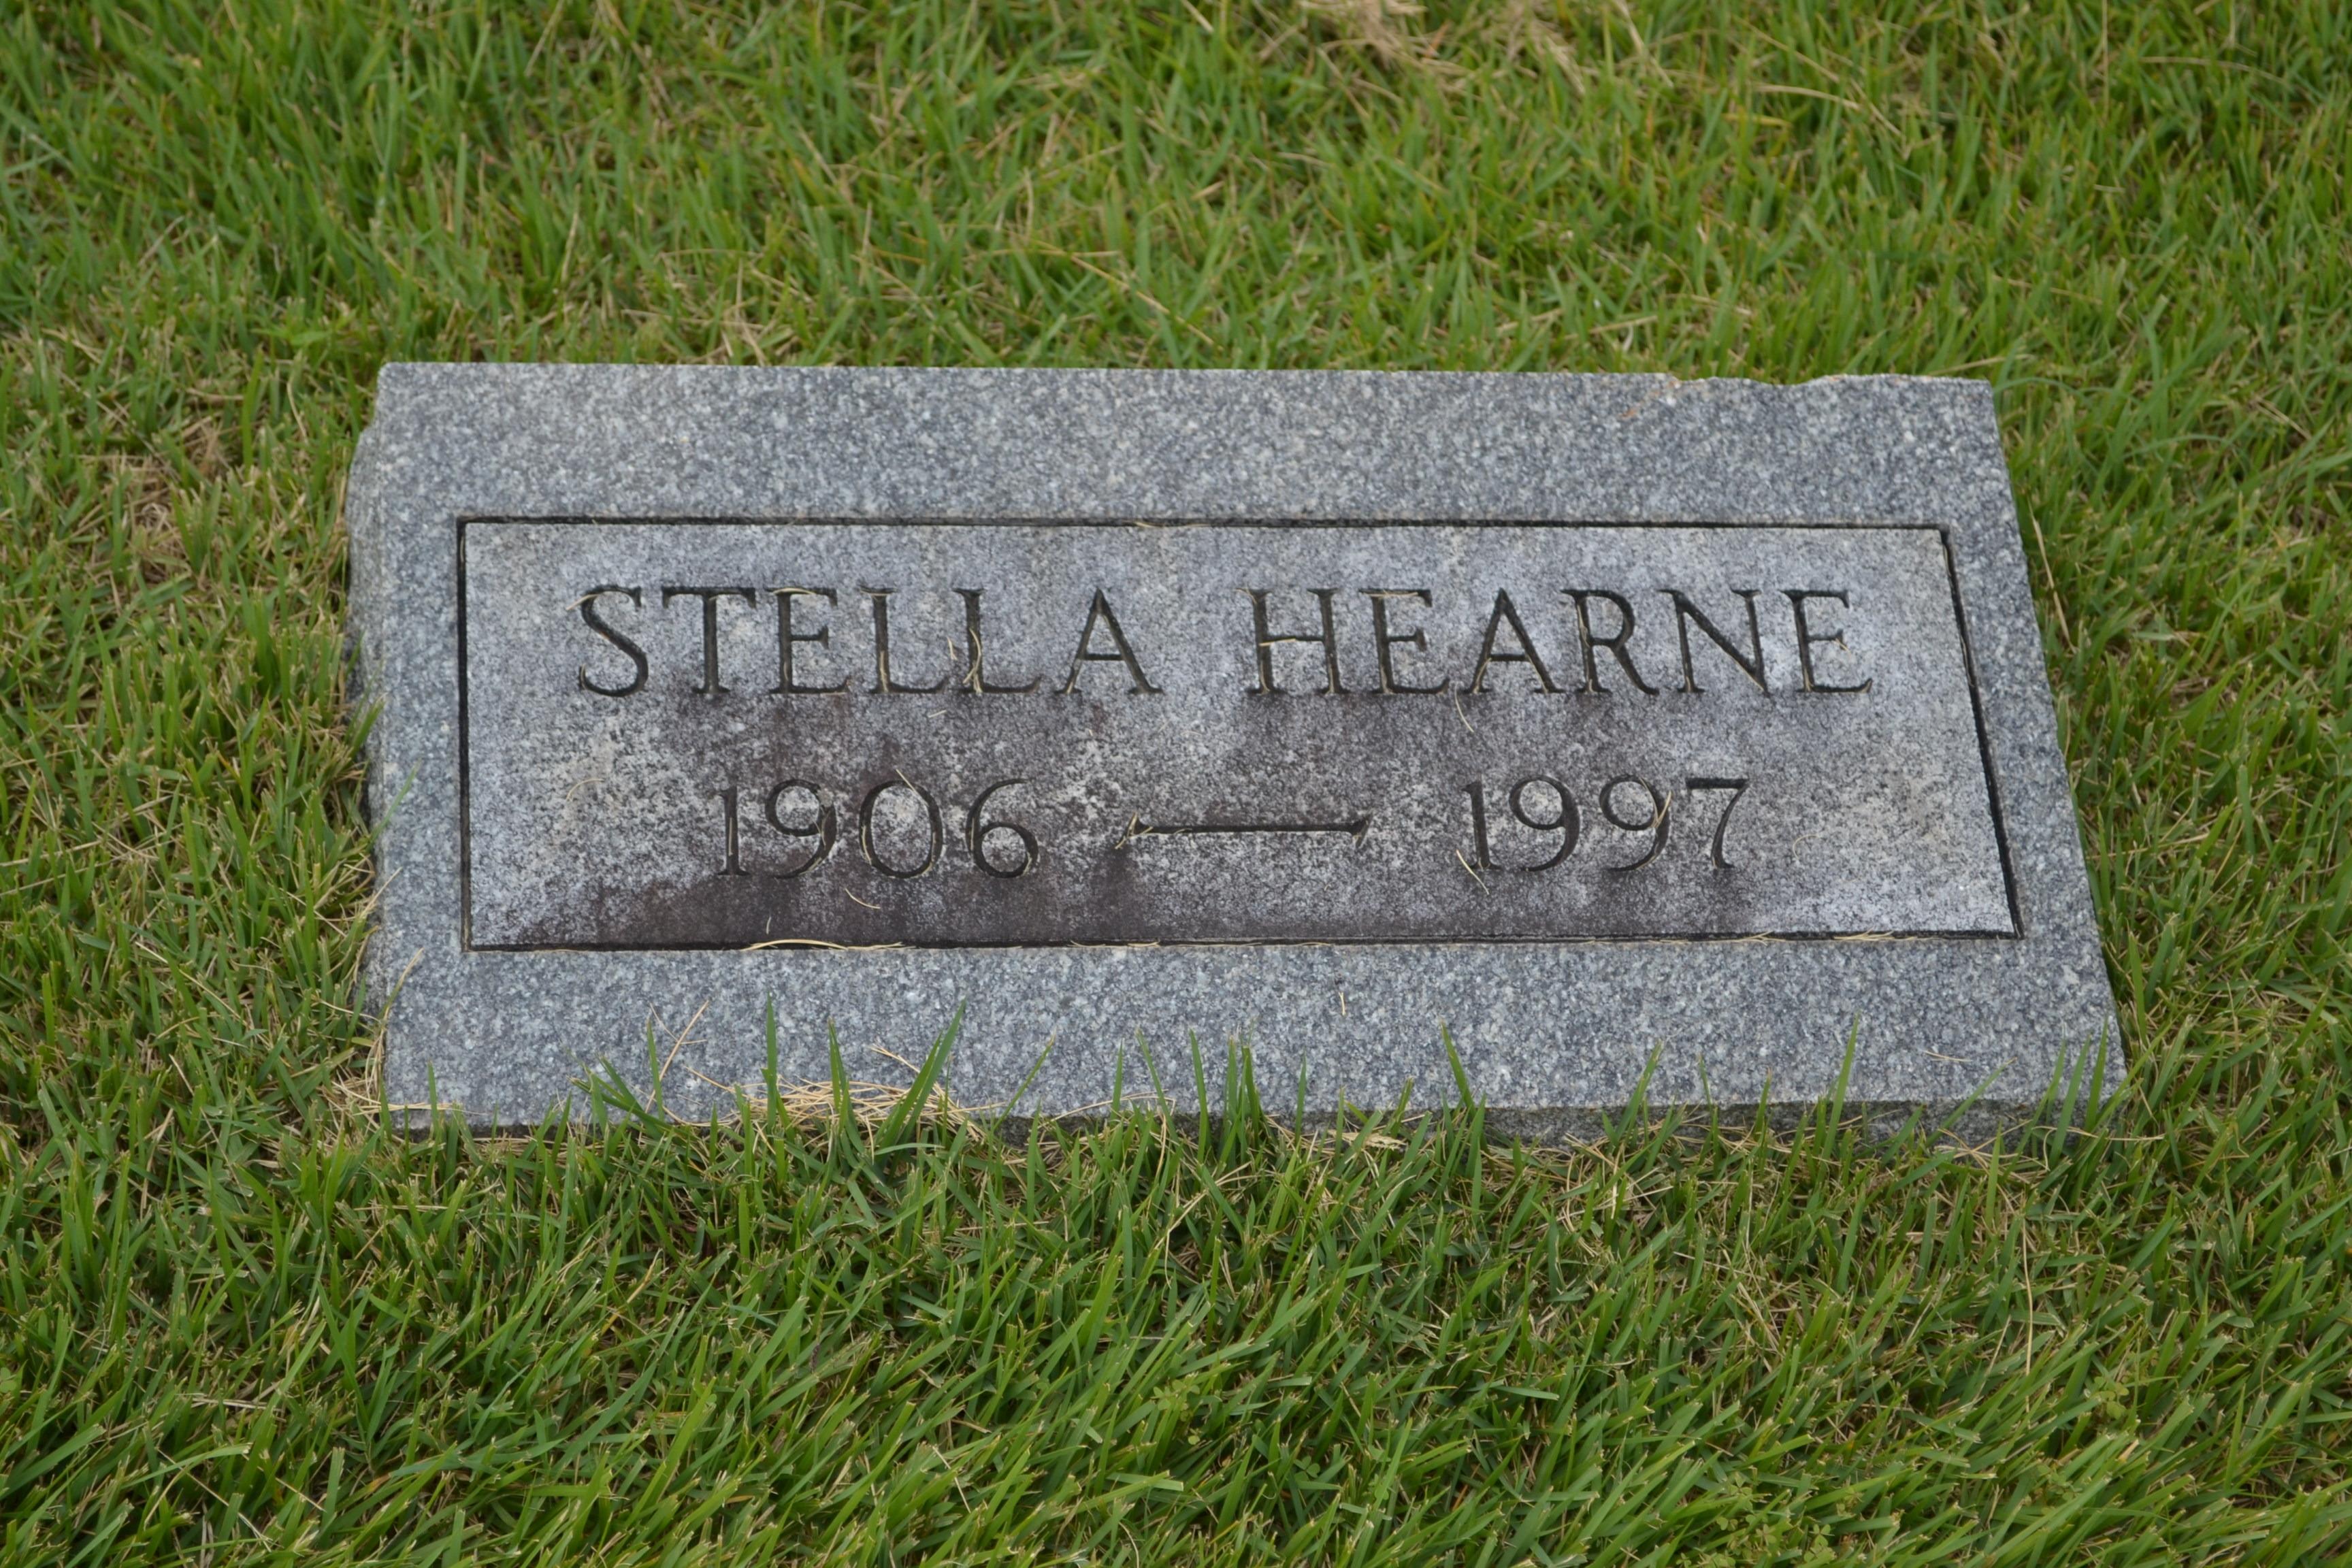 Stella <i>Hearne</i> Brittingham